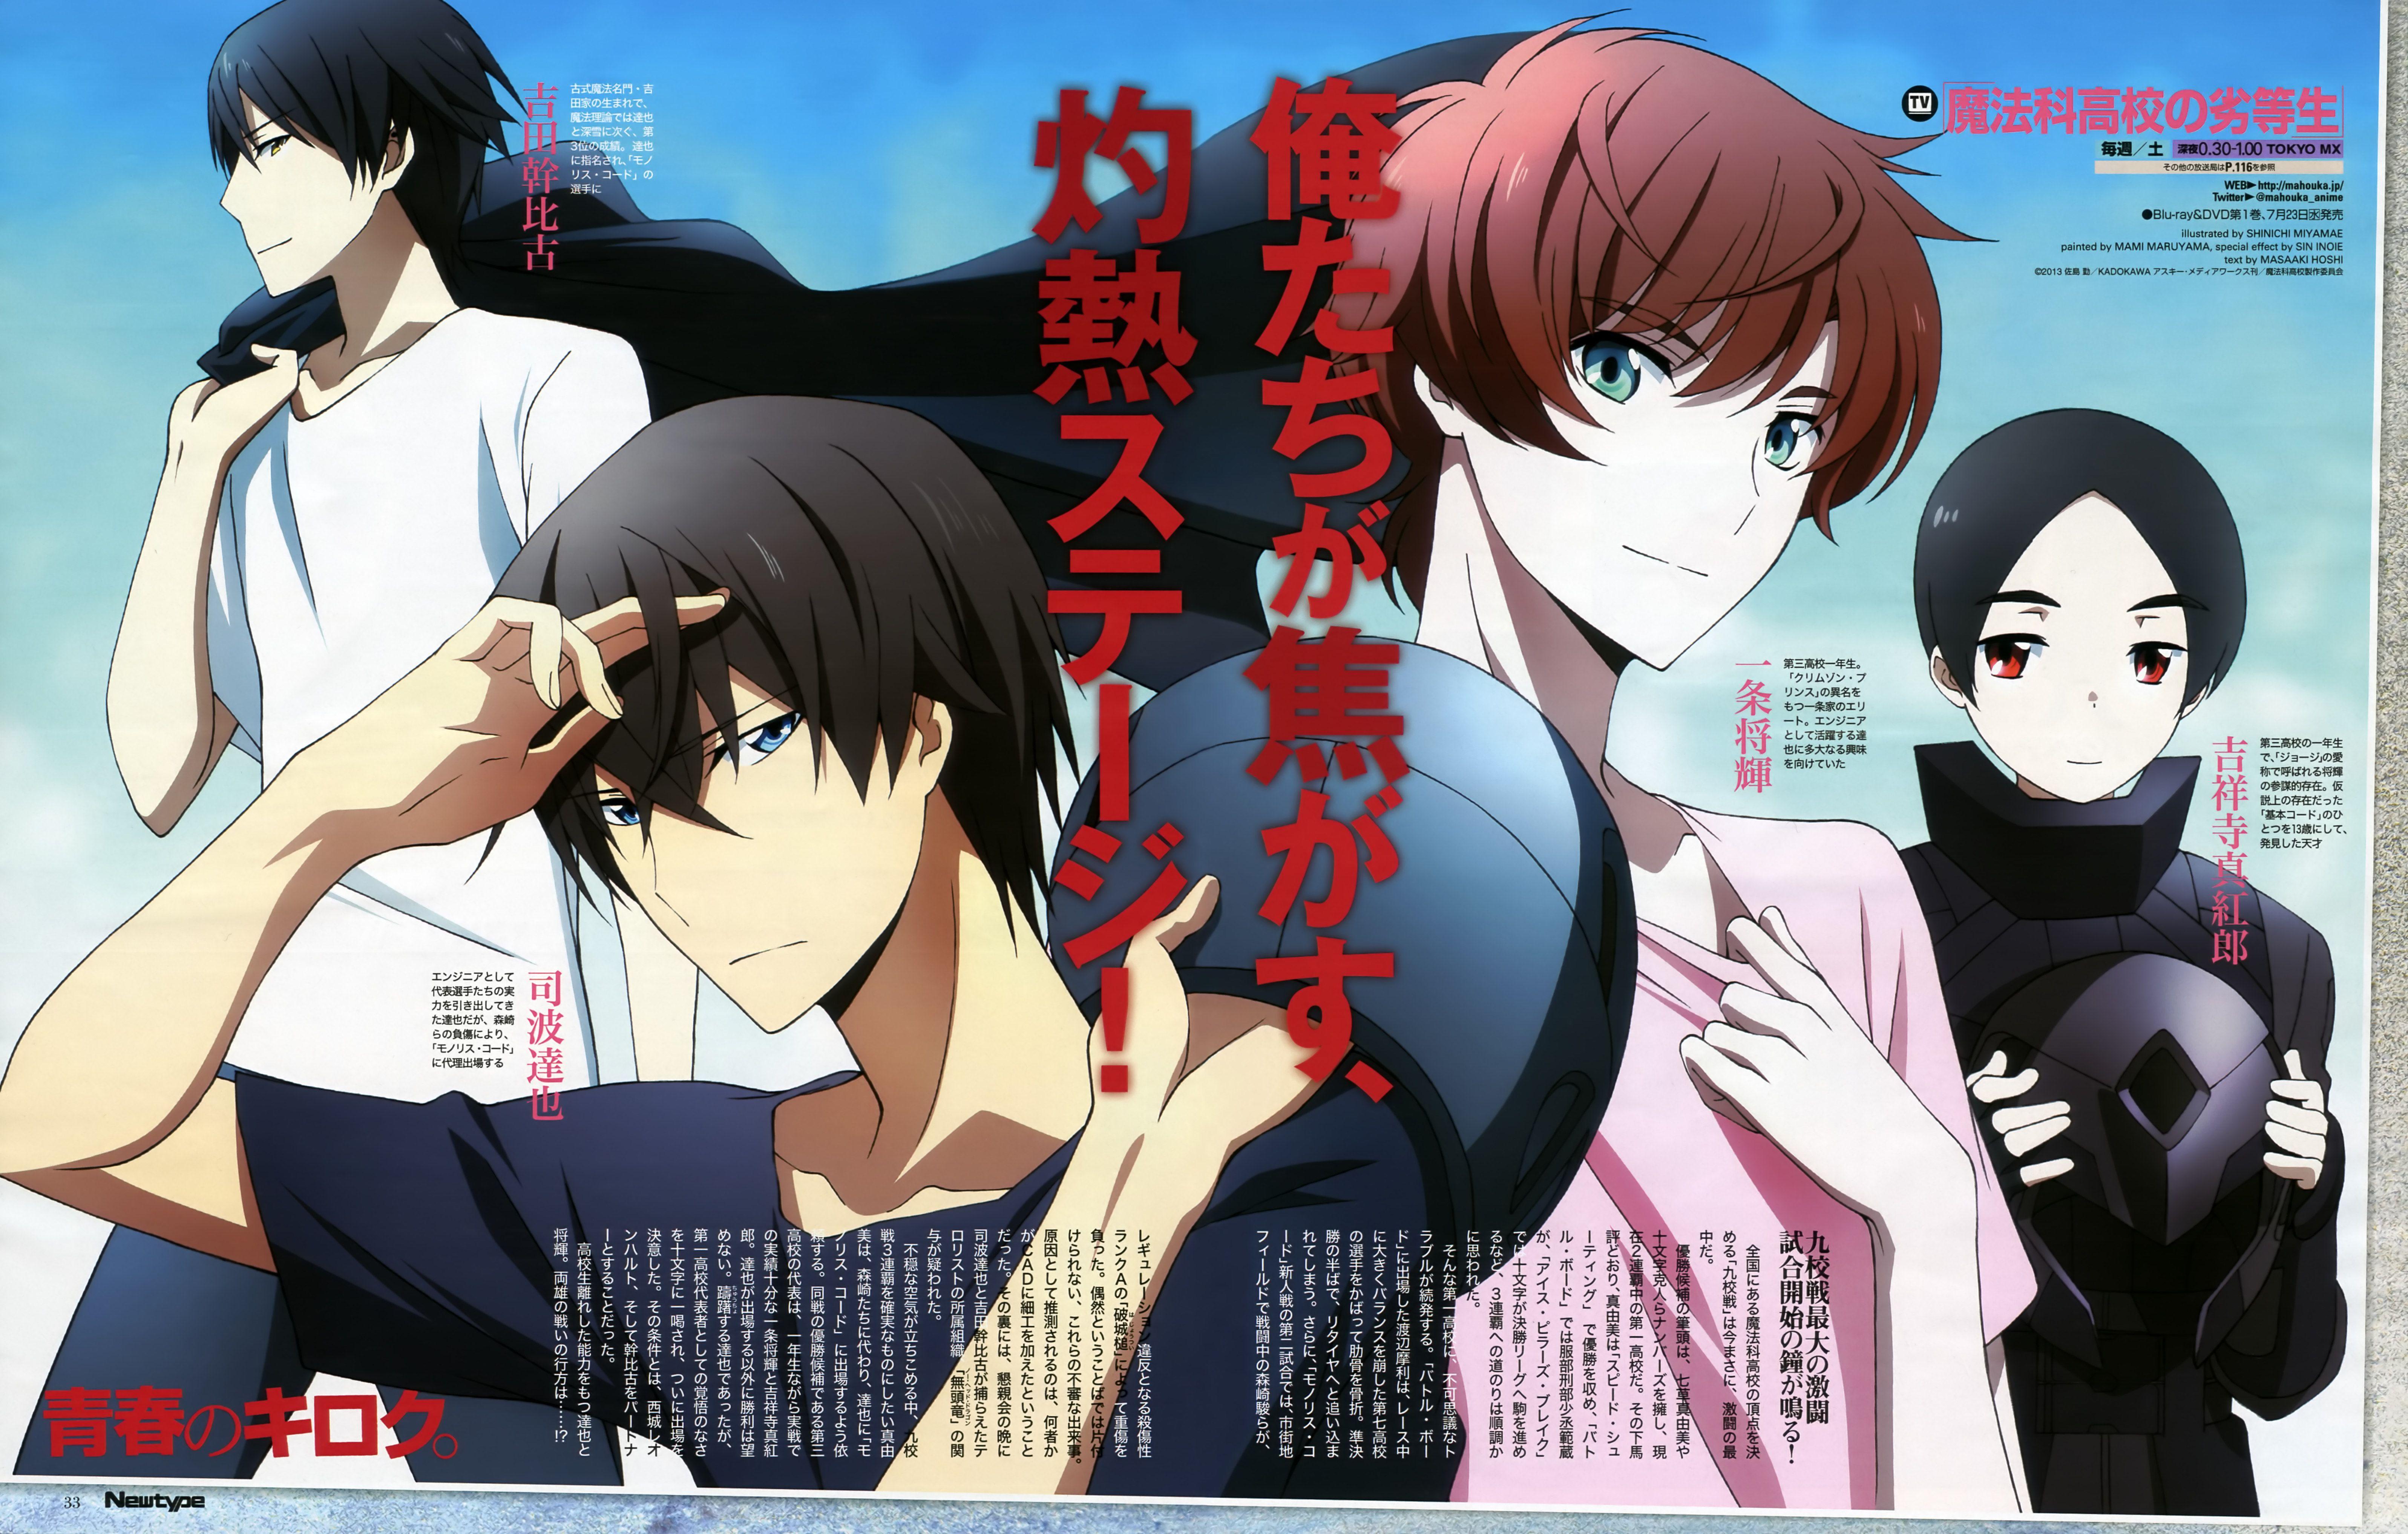 Miyamae Shinichi, MADHOUSE, Mahouka Koukou no Rettousei